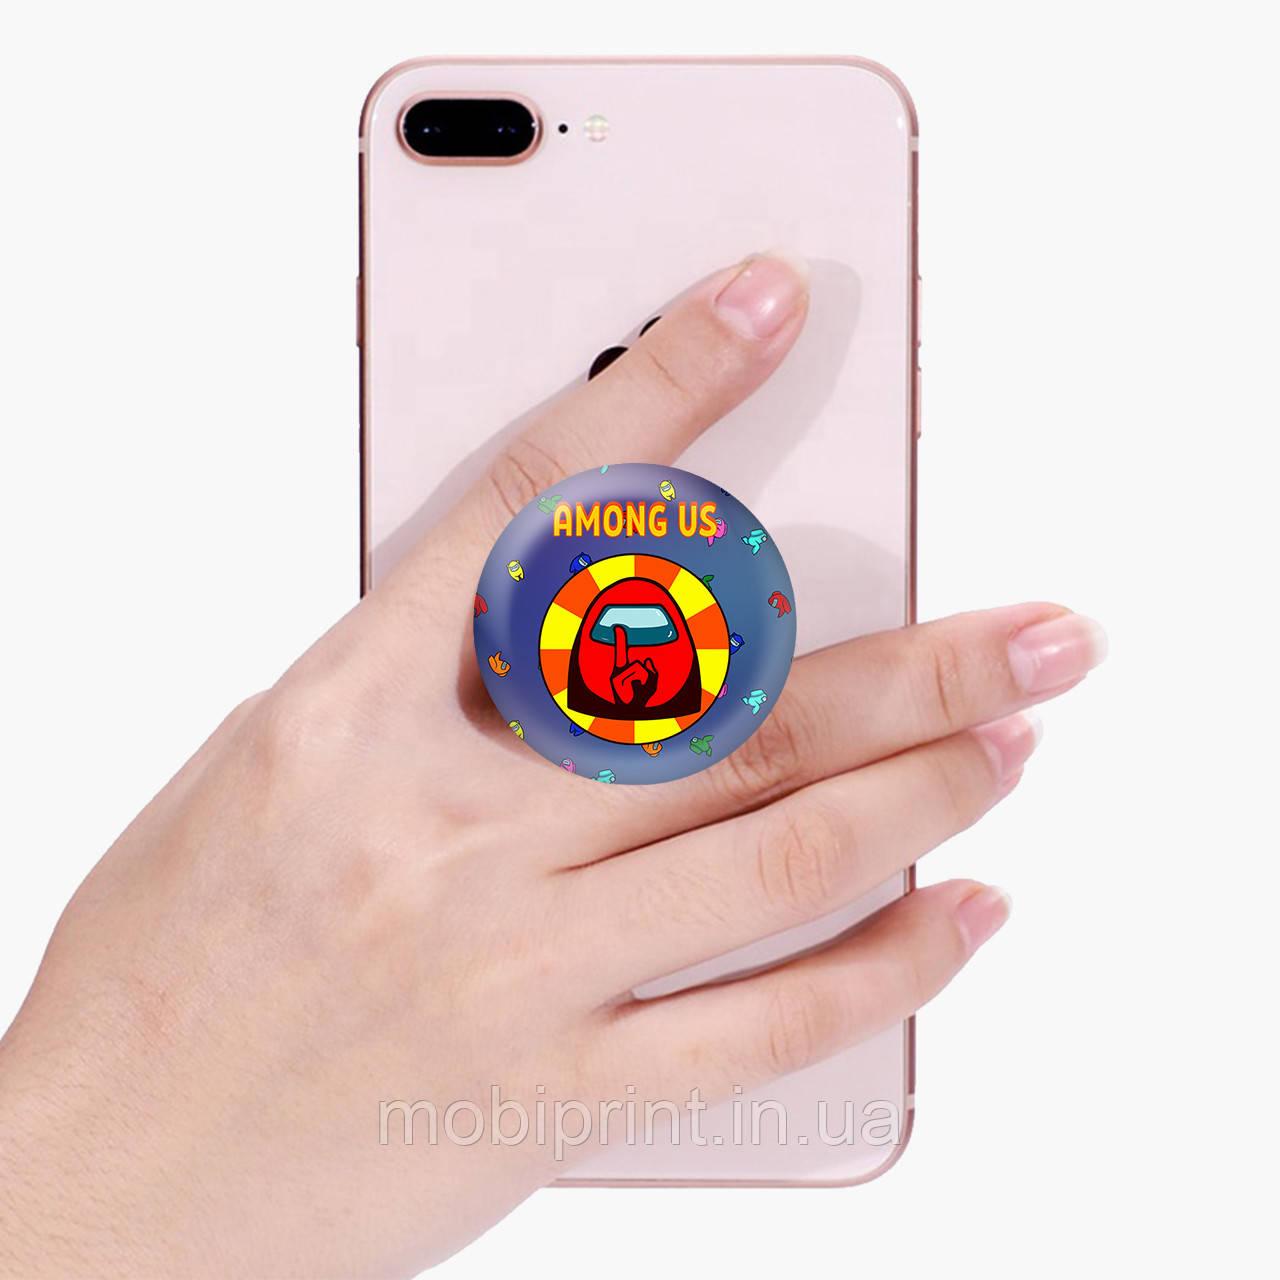 Попсокет (Popsockets) держатель для смартфона Амонг Ас Красный (Among Us Red)  (8754-2412)